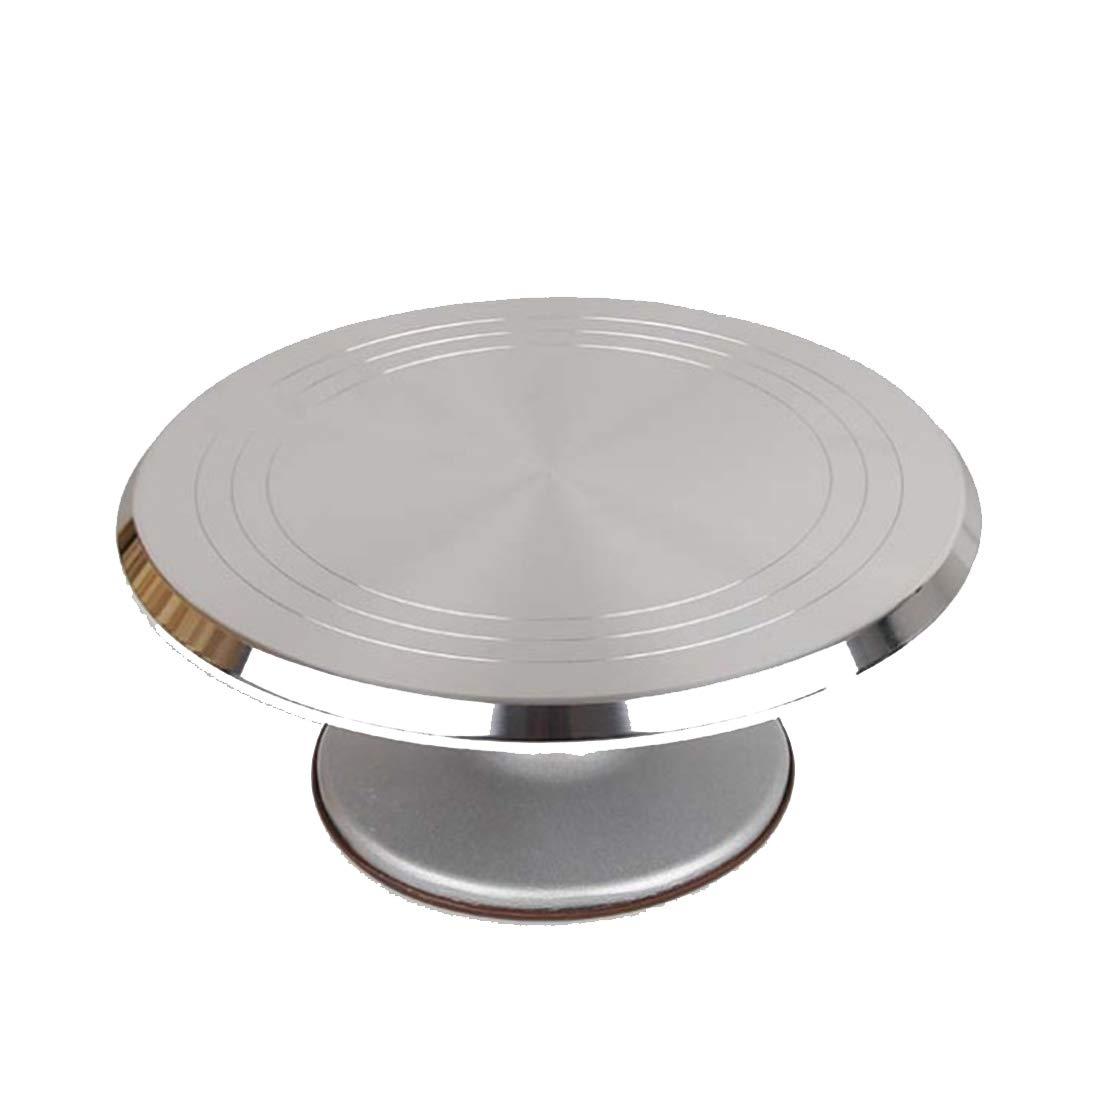 铁锋区志诚机电商店 アルミ合金回転ケーキスタンド12インチラウンドケーキターンテーブルベーキングケーキ (色 : Silver, サイズ : 12 inch) 12 inch Silver B07R3X3LKJ